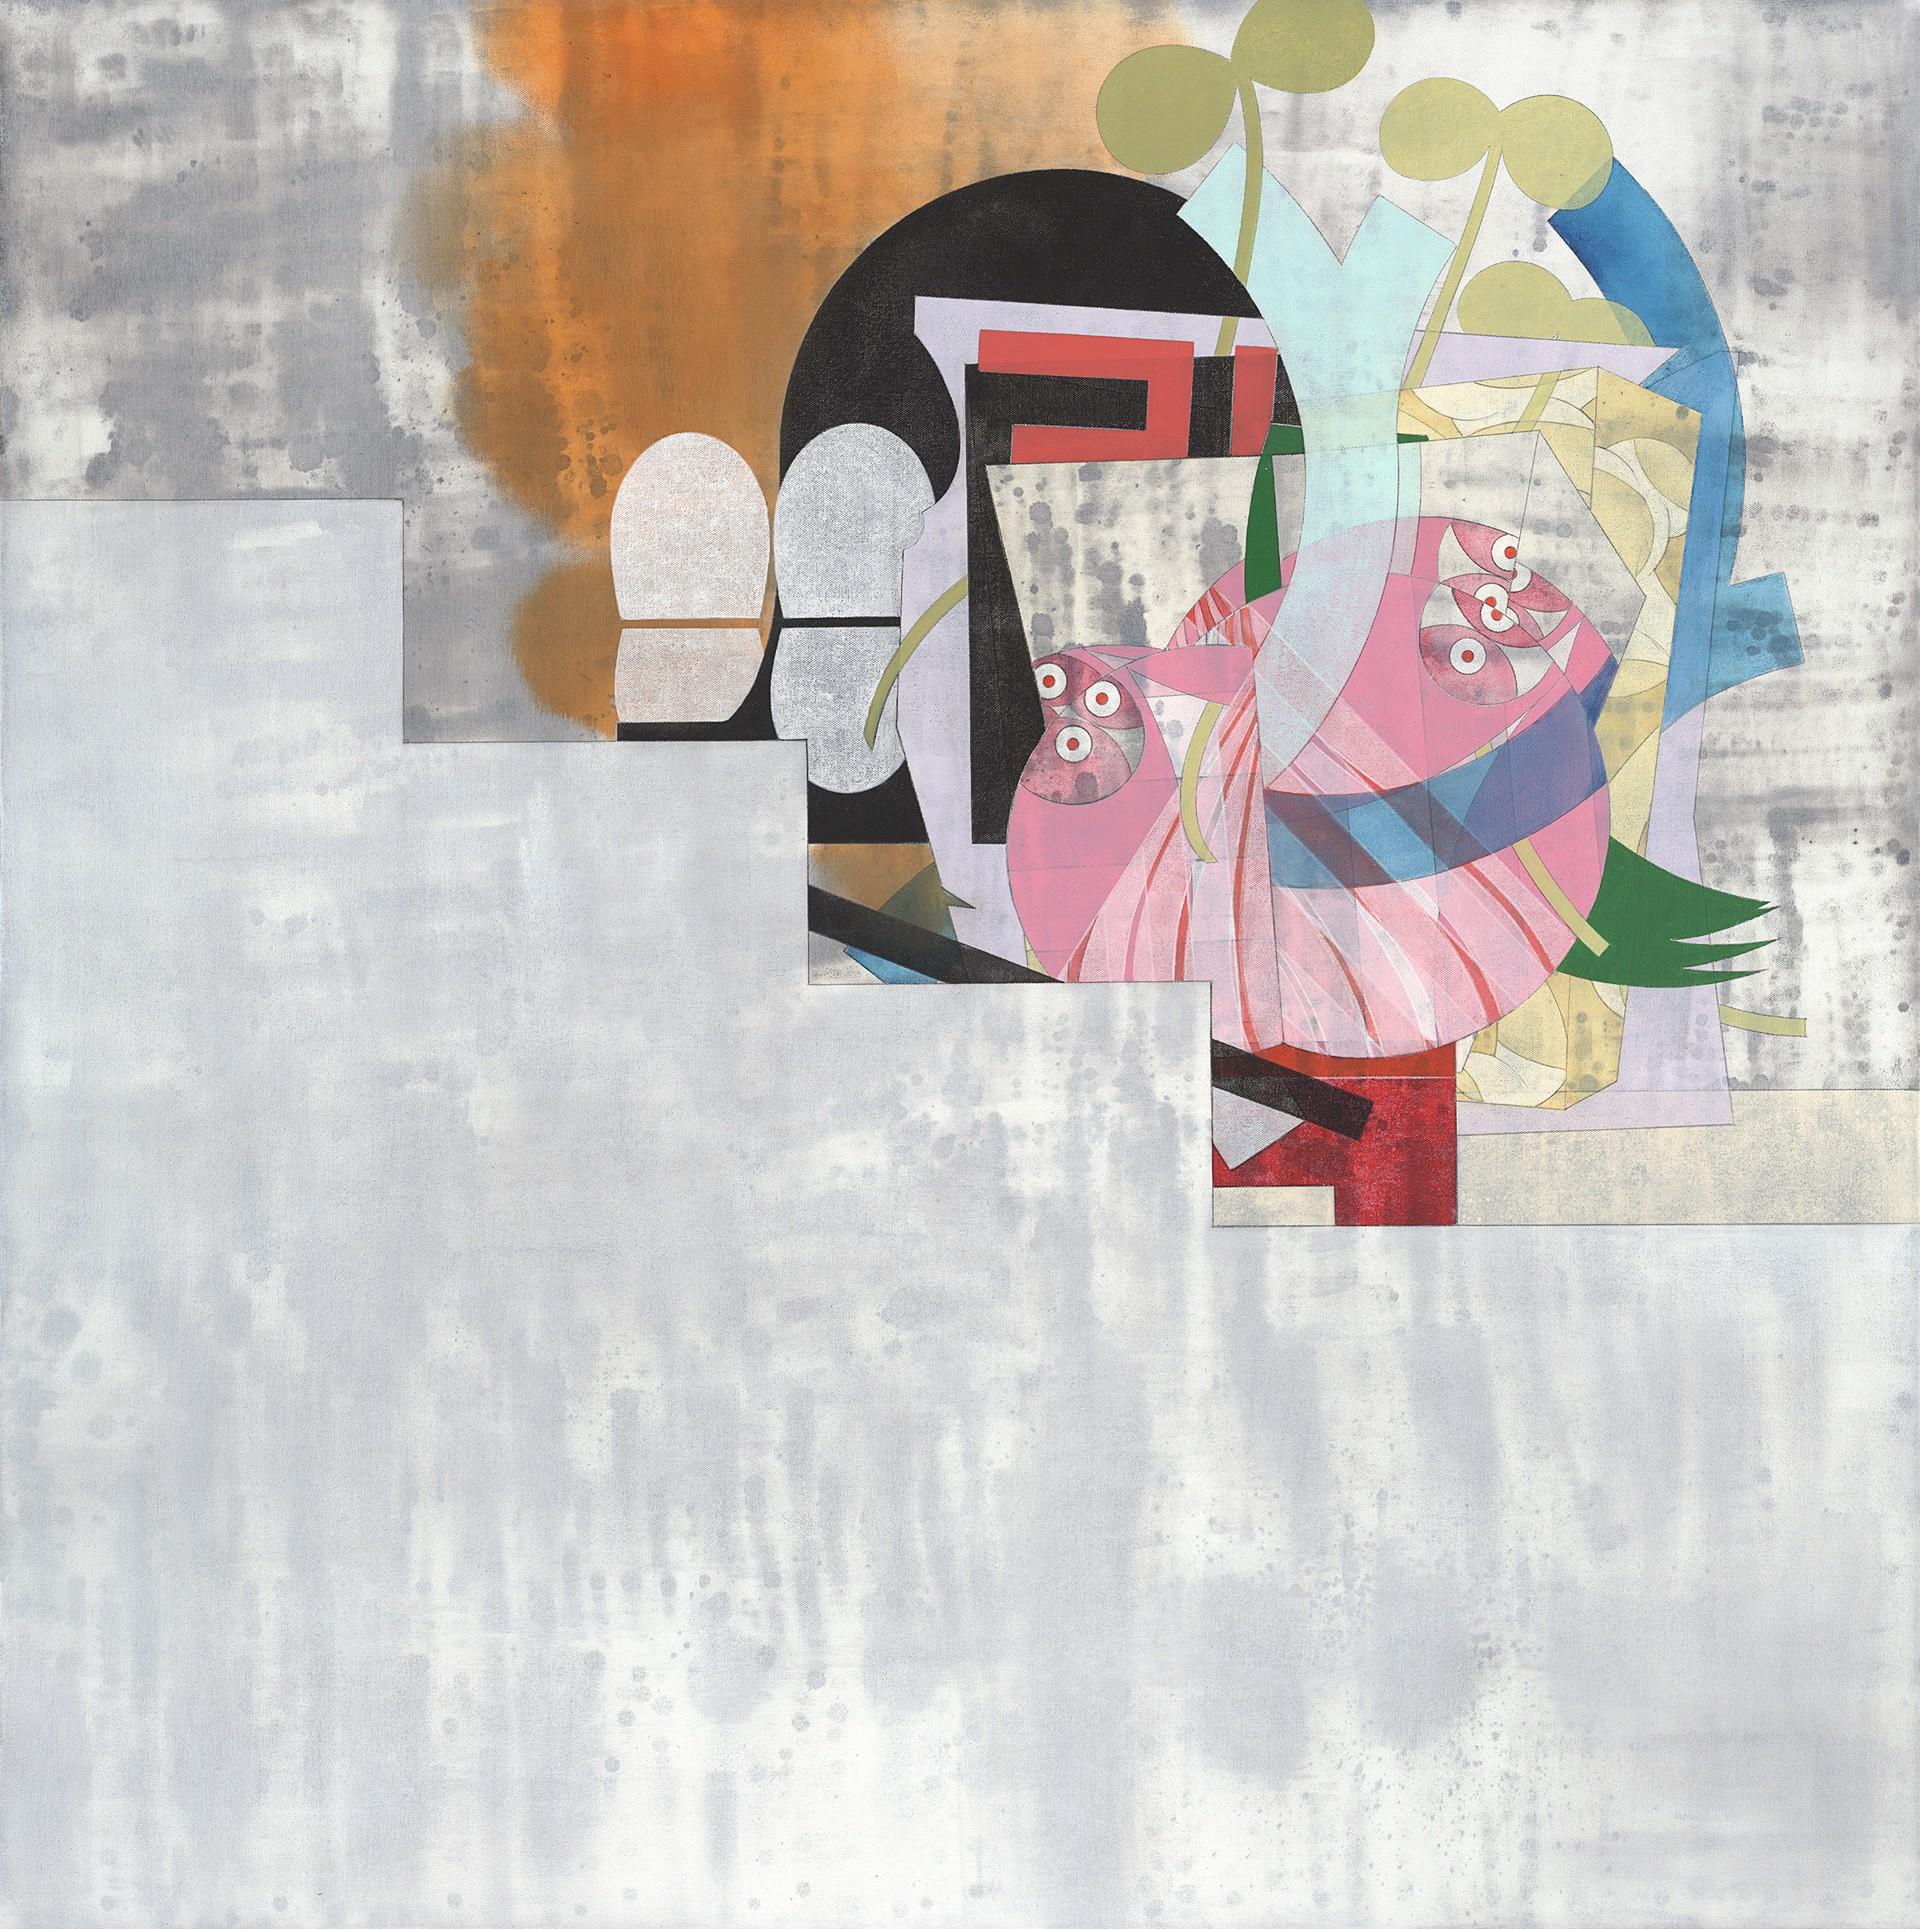 Prana by Kuzana Ogg